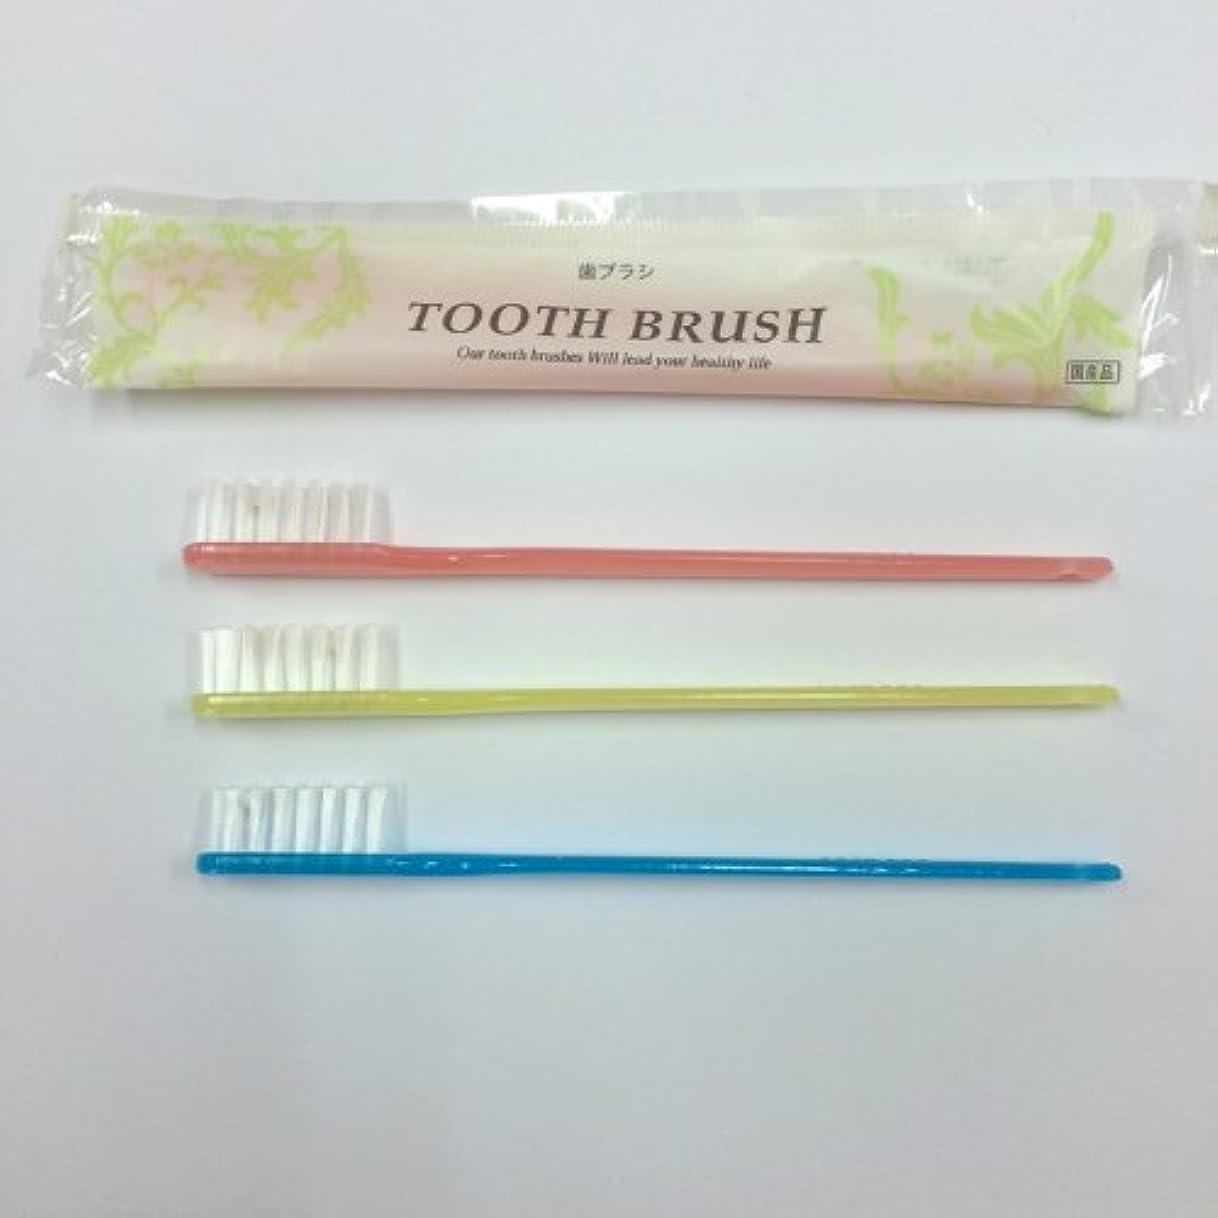 染料放棄された高潔なインスタント歯ブラシ 3色アソート(ピンク?ブルー?イエロー) 200本